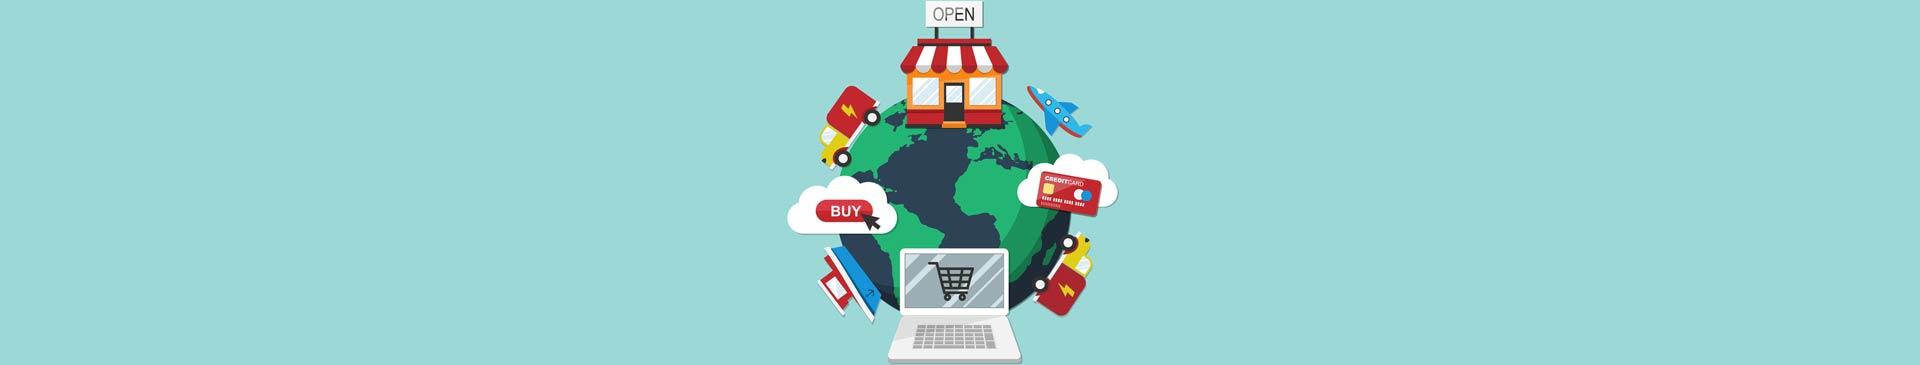 Consideraciones importantes antes de abrir una tienda online (infografía)